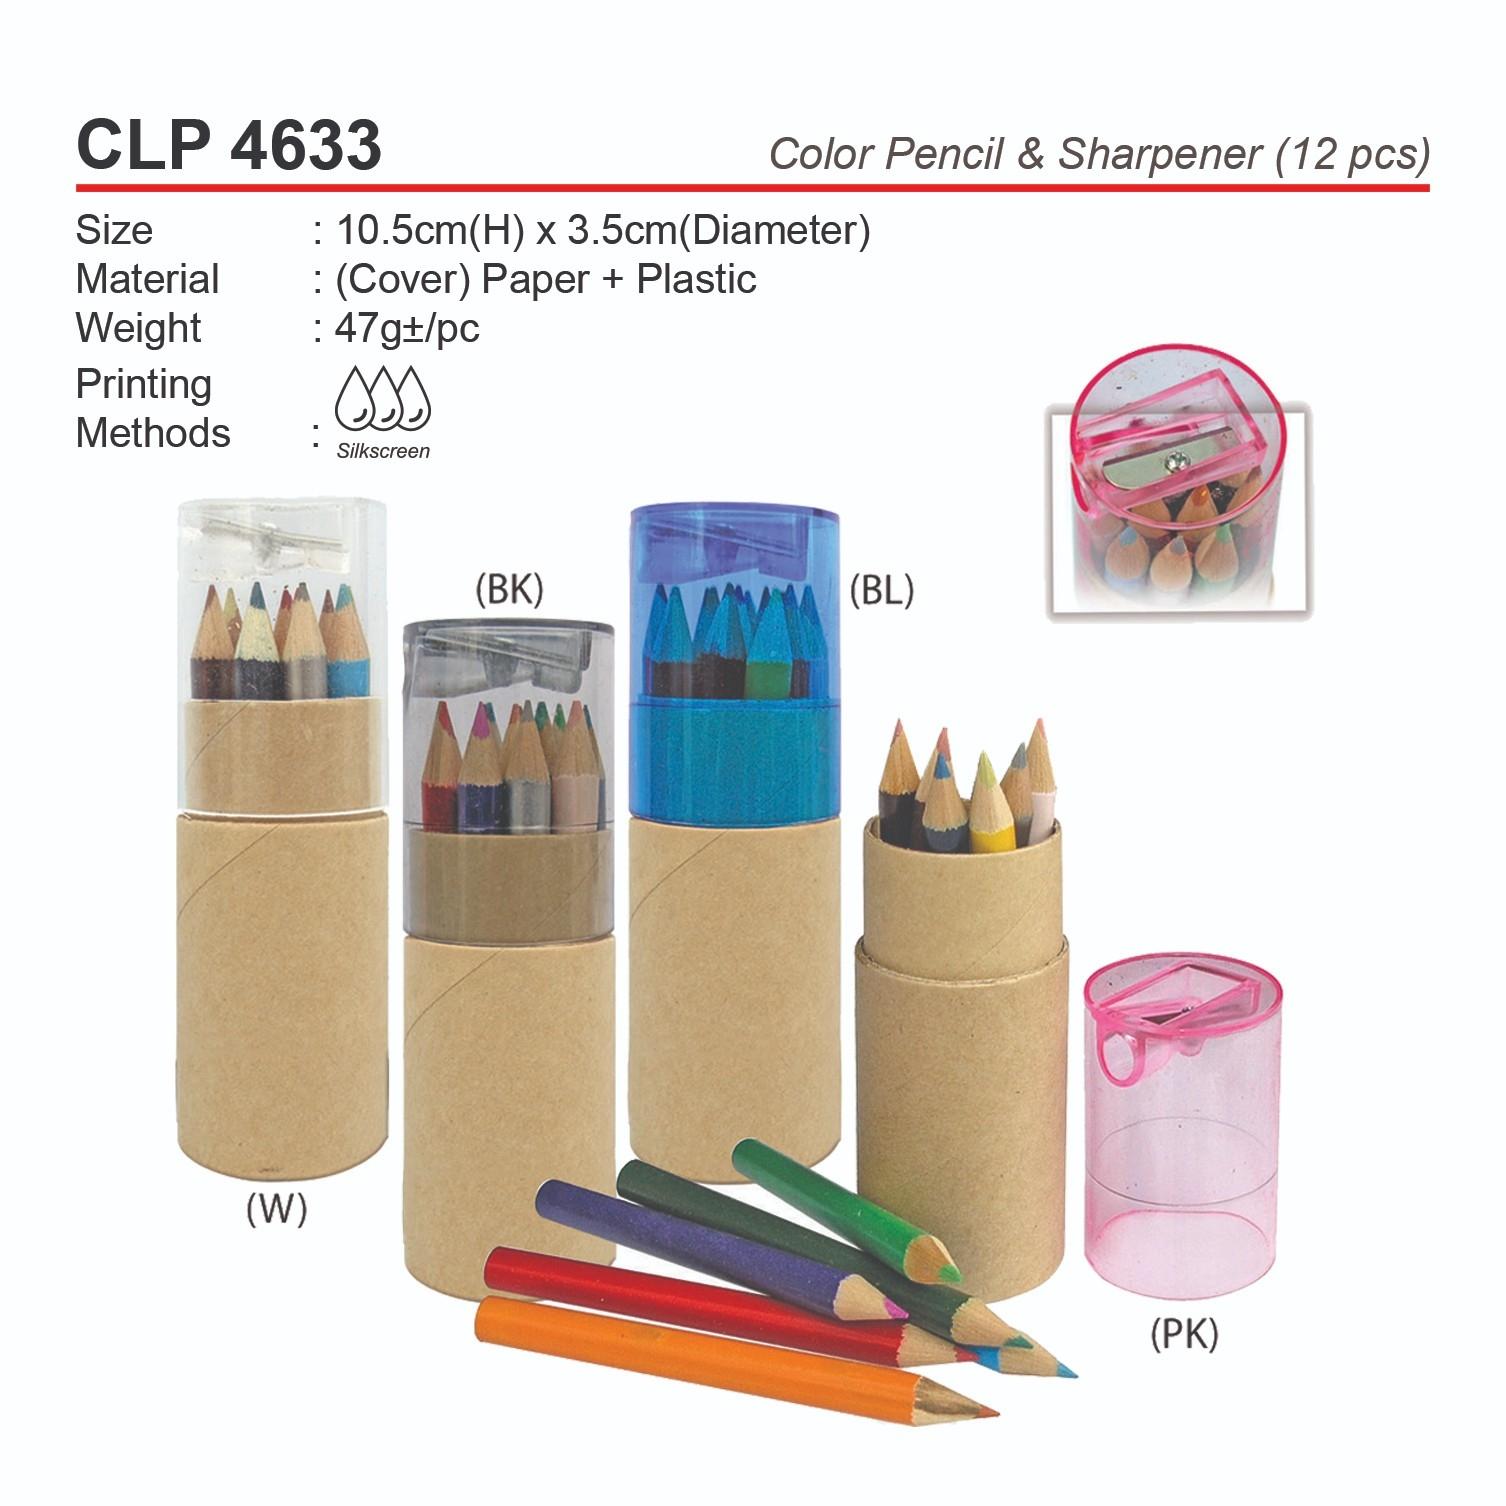 CLP 4633 Color Pencil & Sharpener (12pcs)